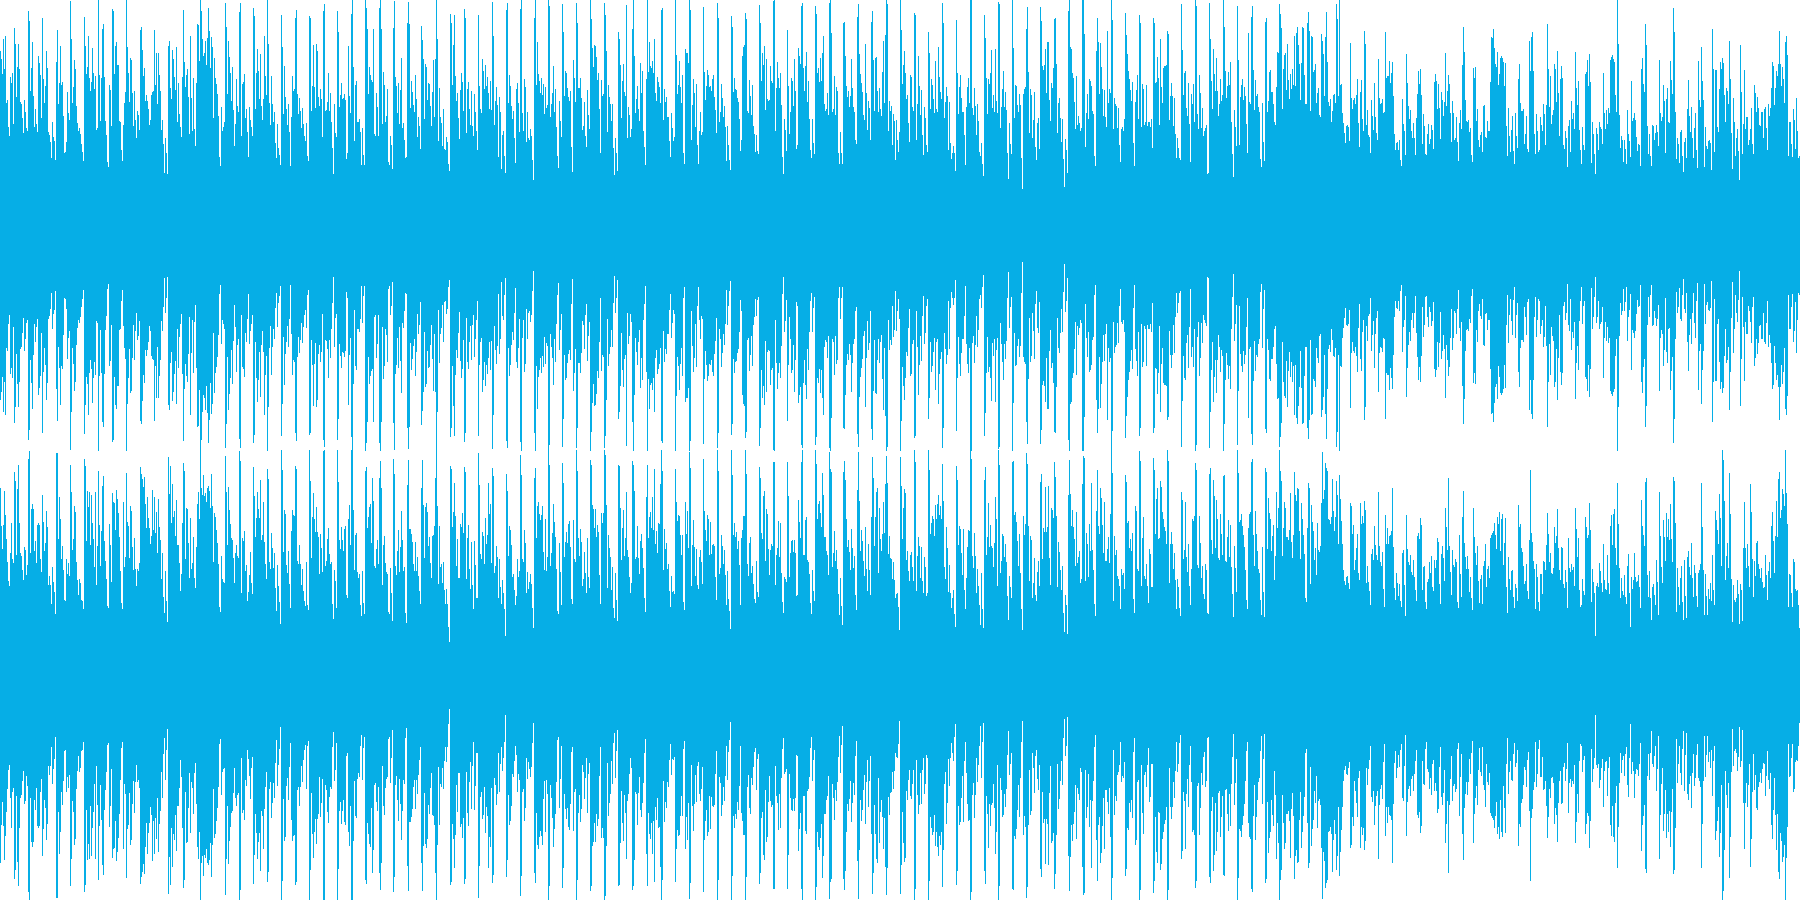 ダーク、シンプル、癖になるループ素材 の再生済みの波形